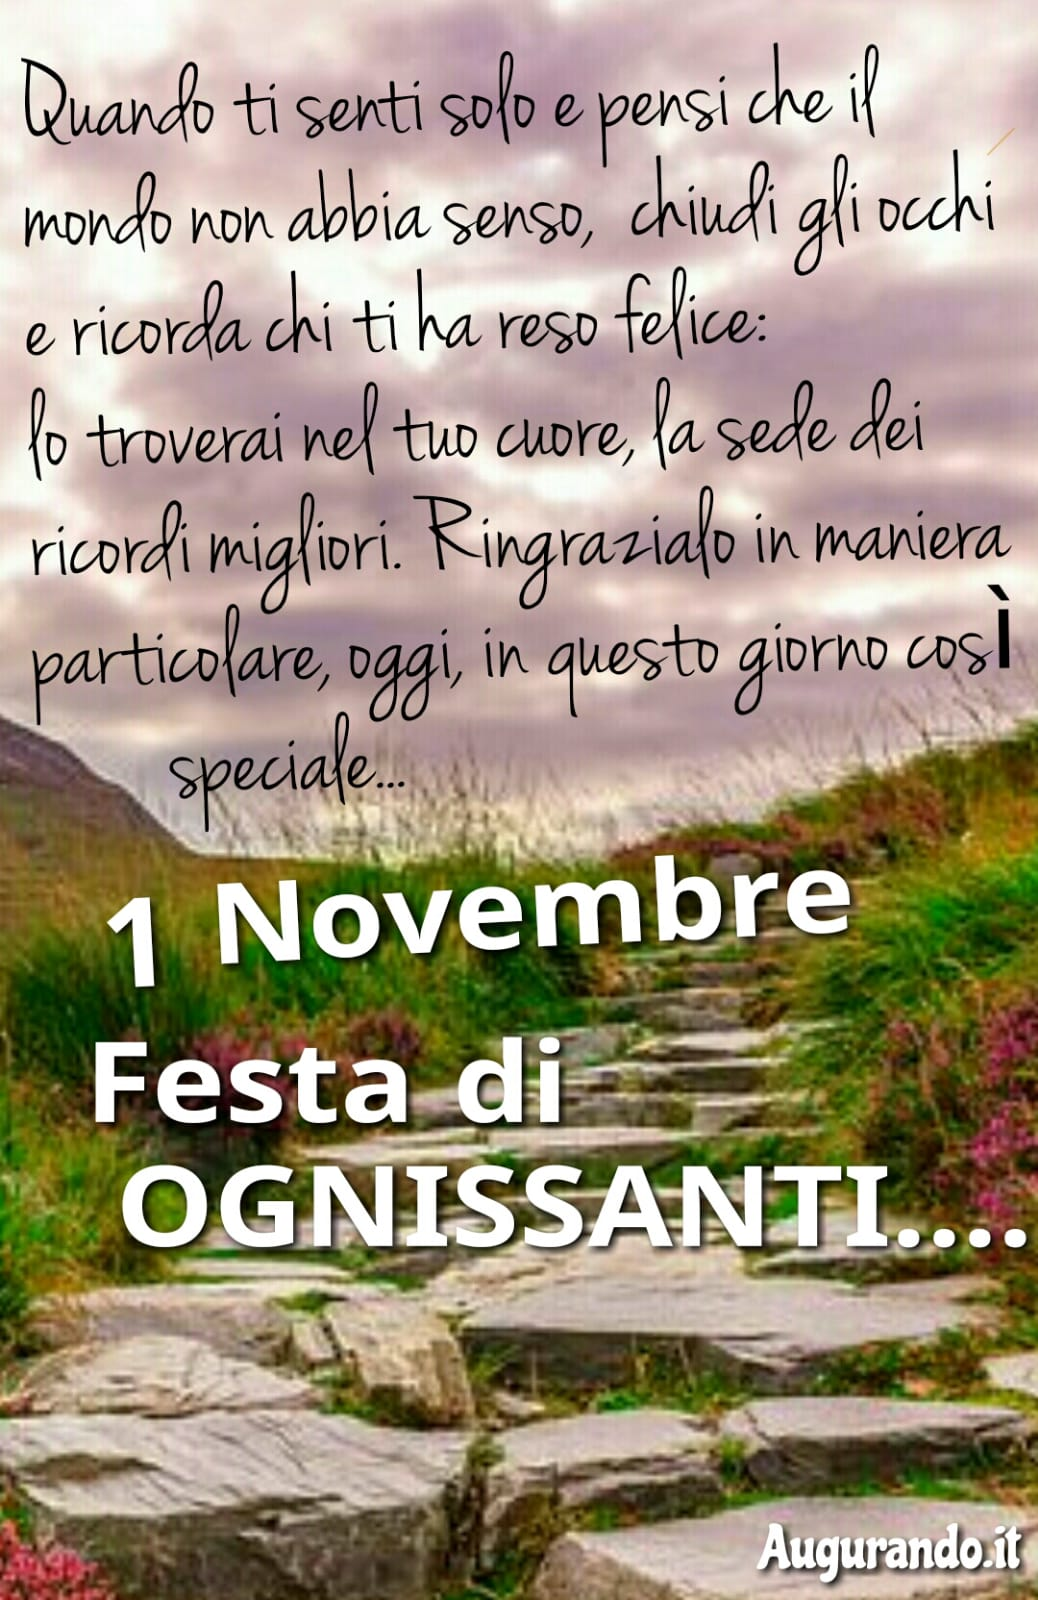 Festa di Ognissanti, 1 novembre, tutti i Santi, buona festa 1 novembre, buon Ognissanti,